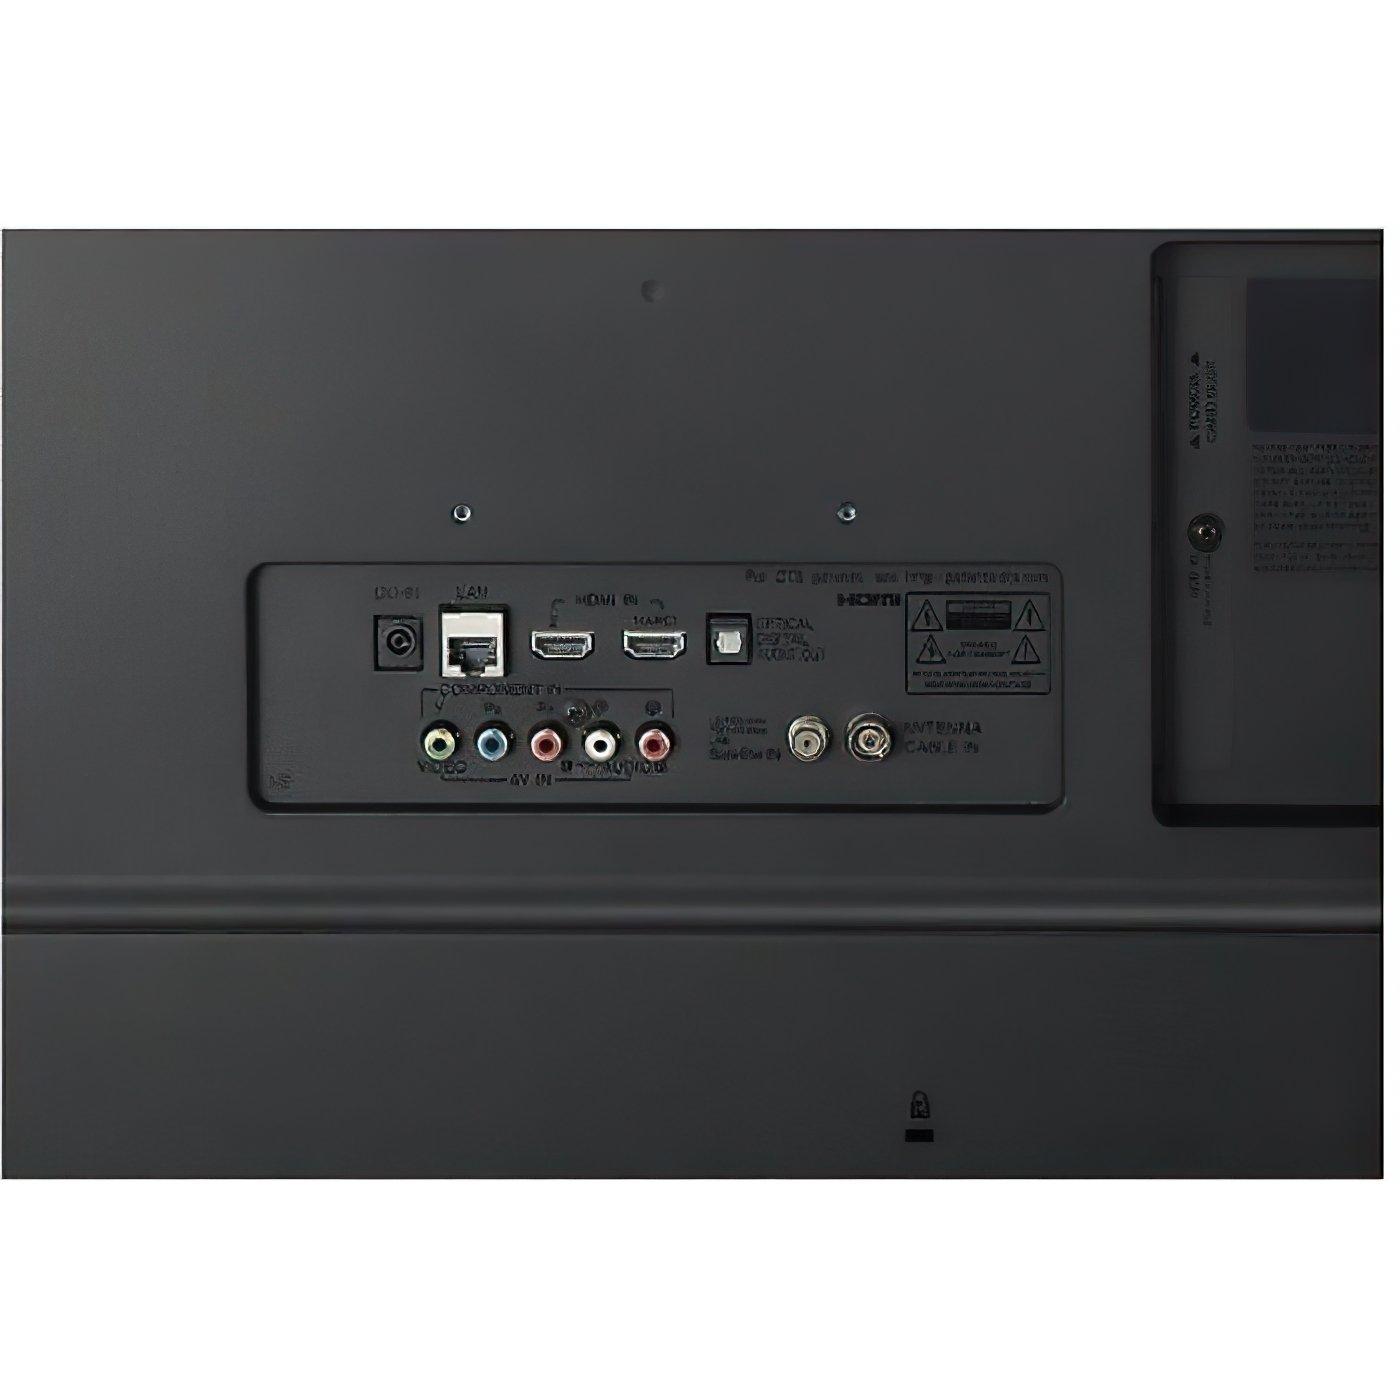 Телевізор LG 28TN515S-PZ фото